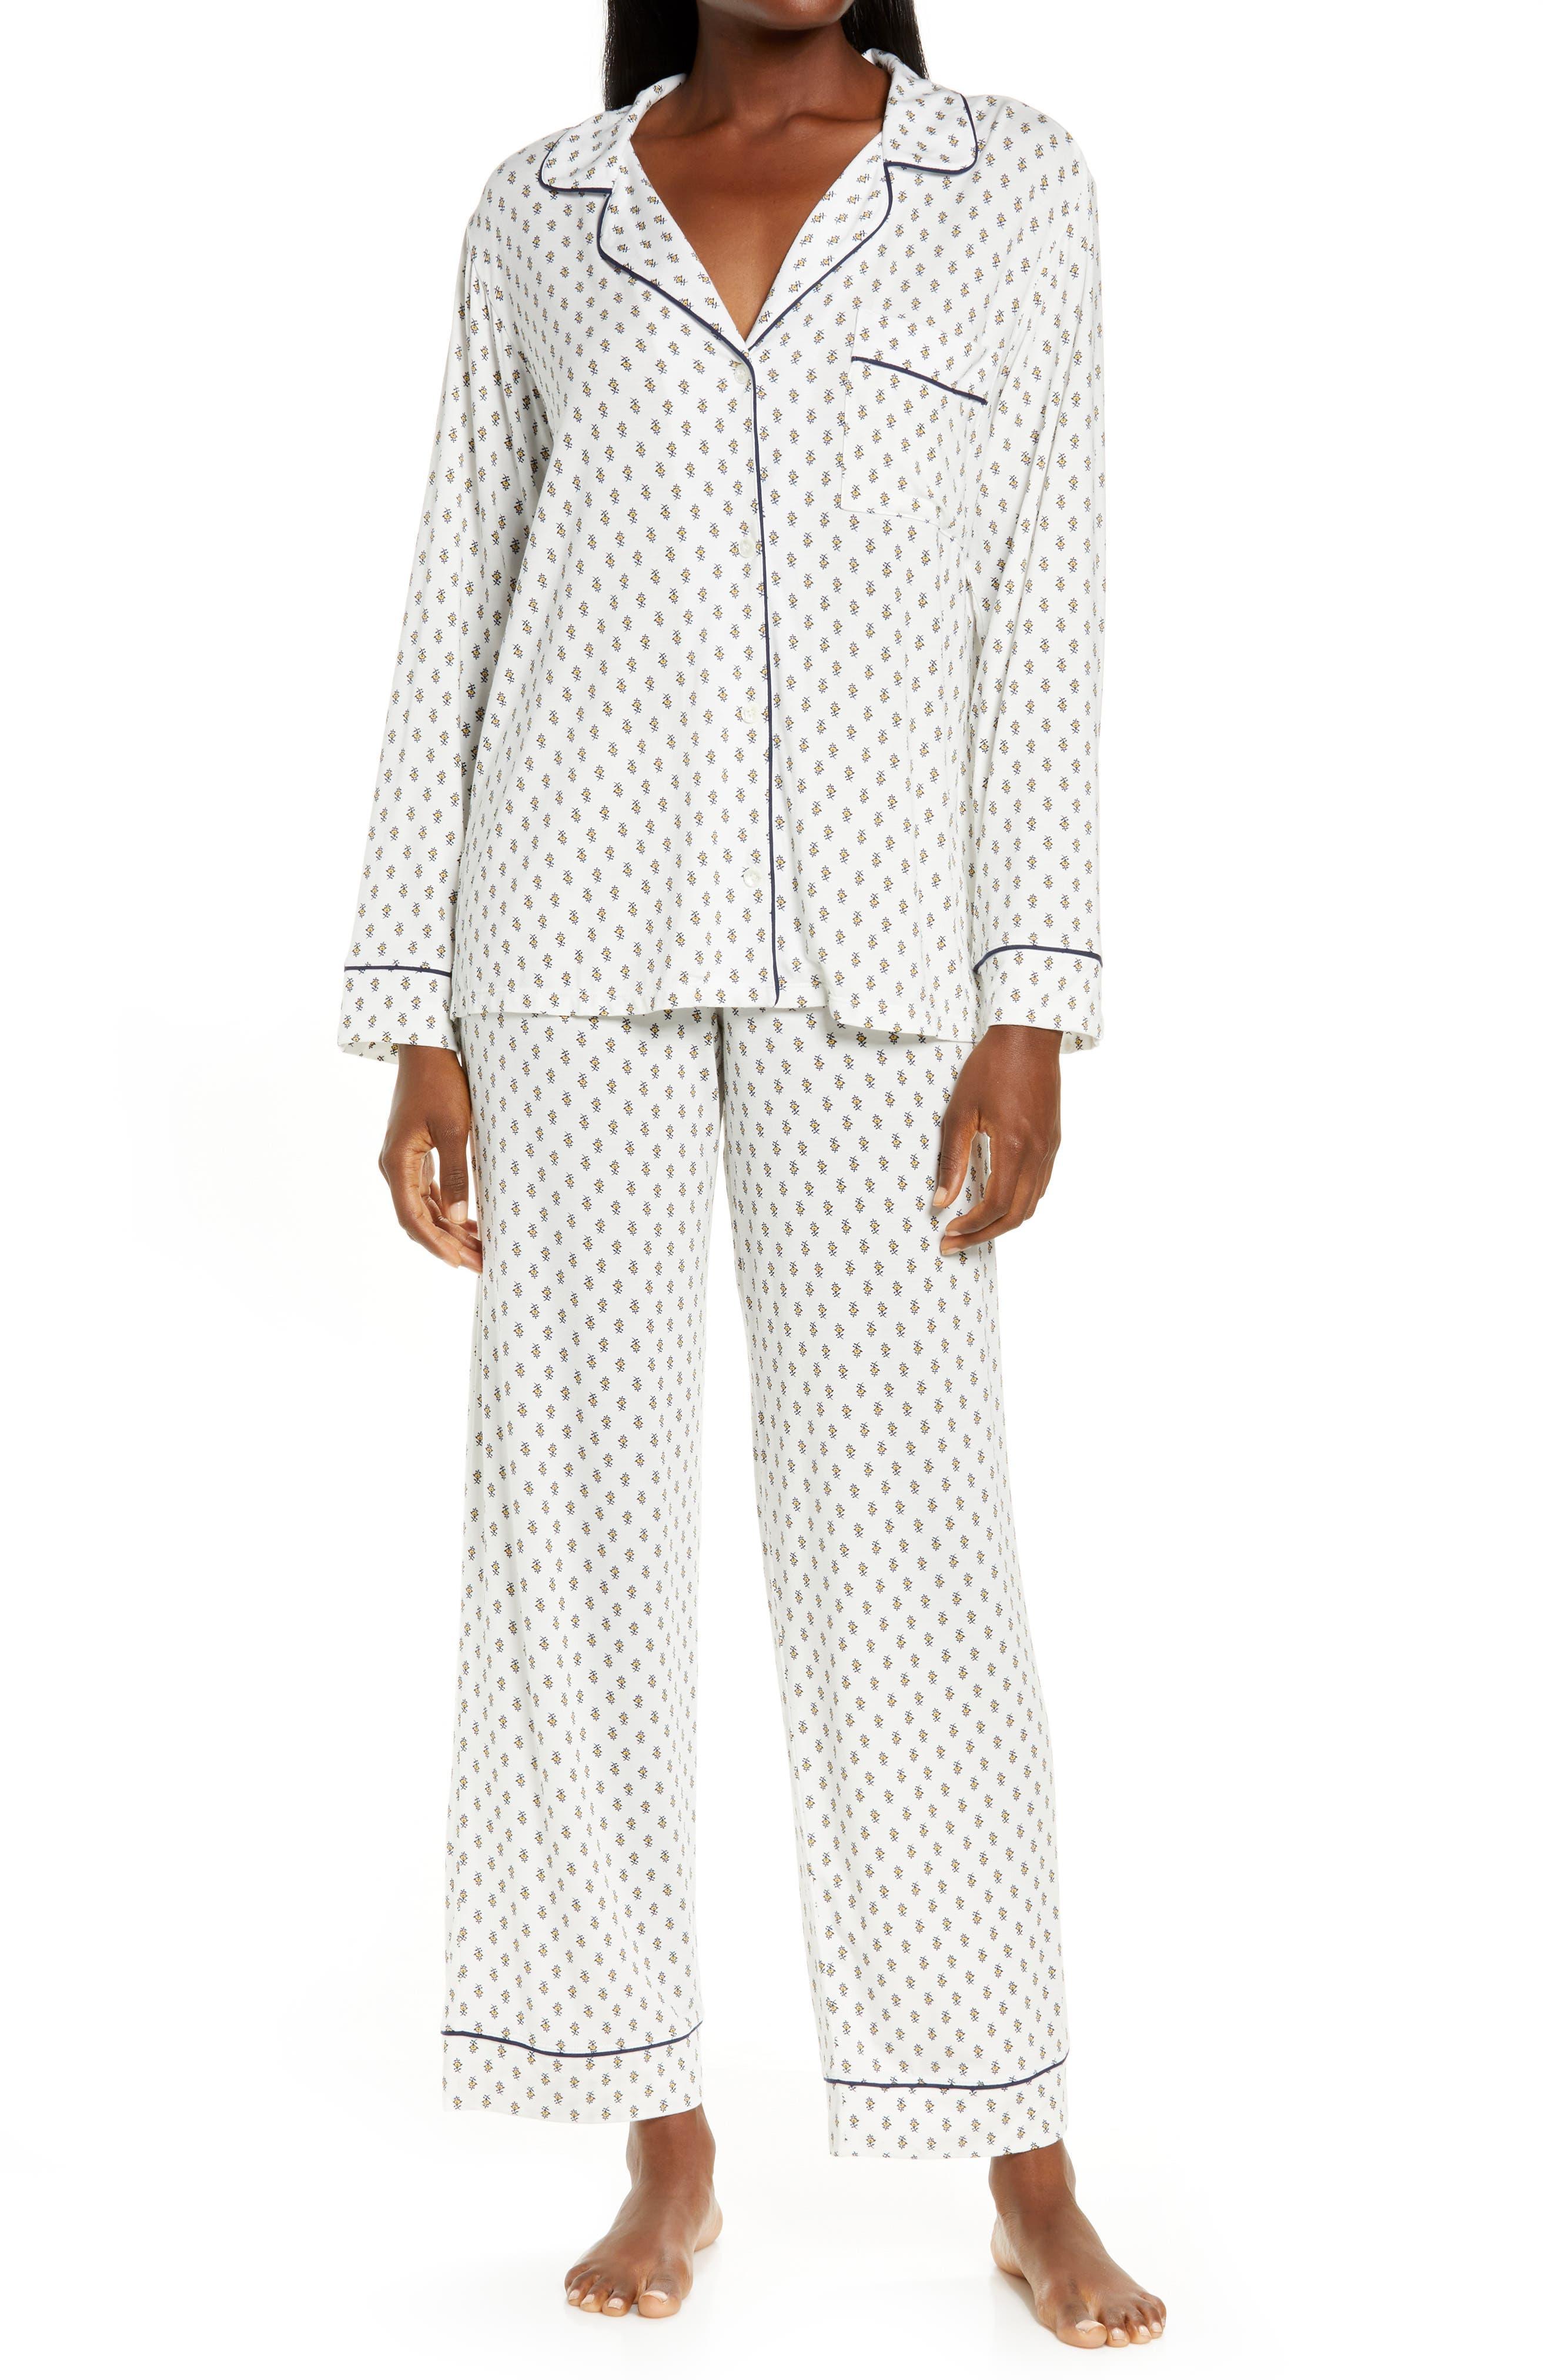 'Sleep Chic' Knit Pajamas